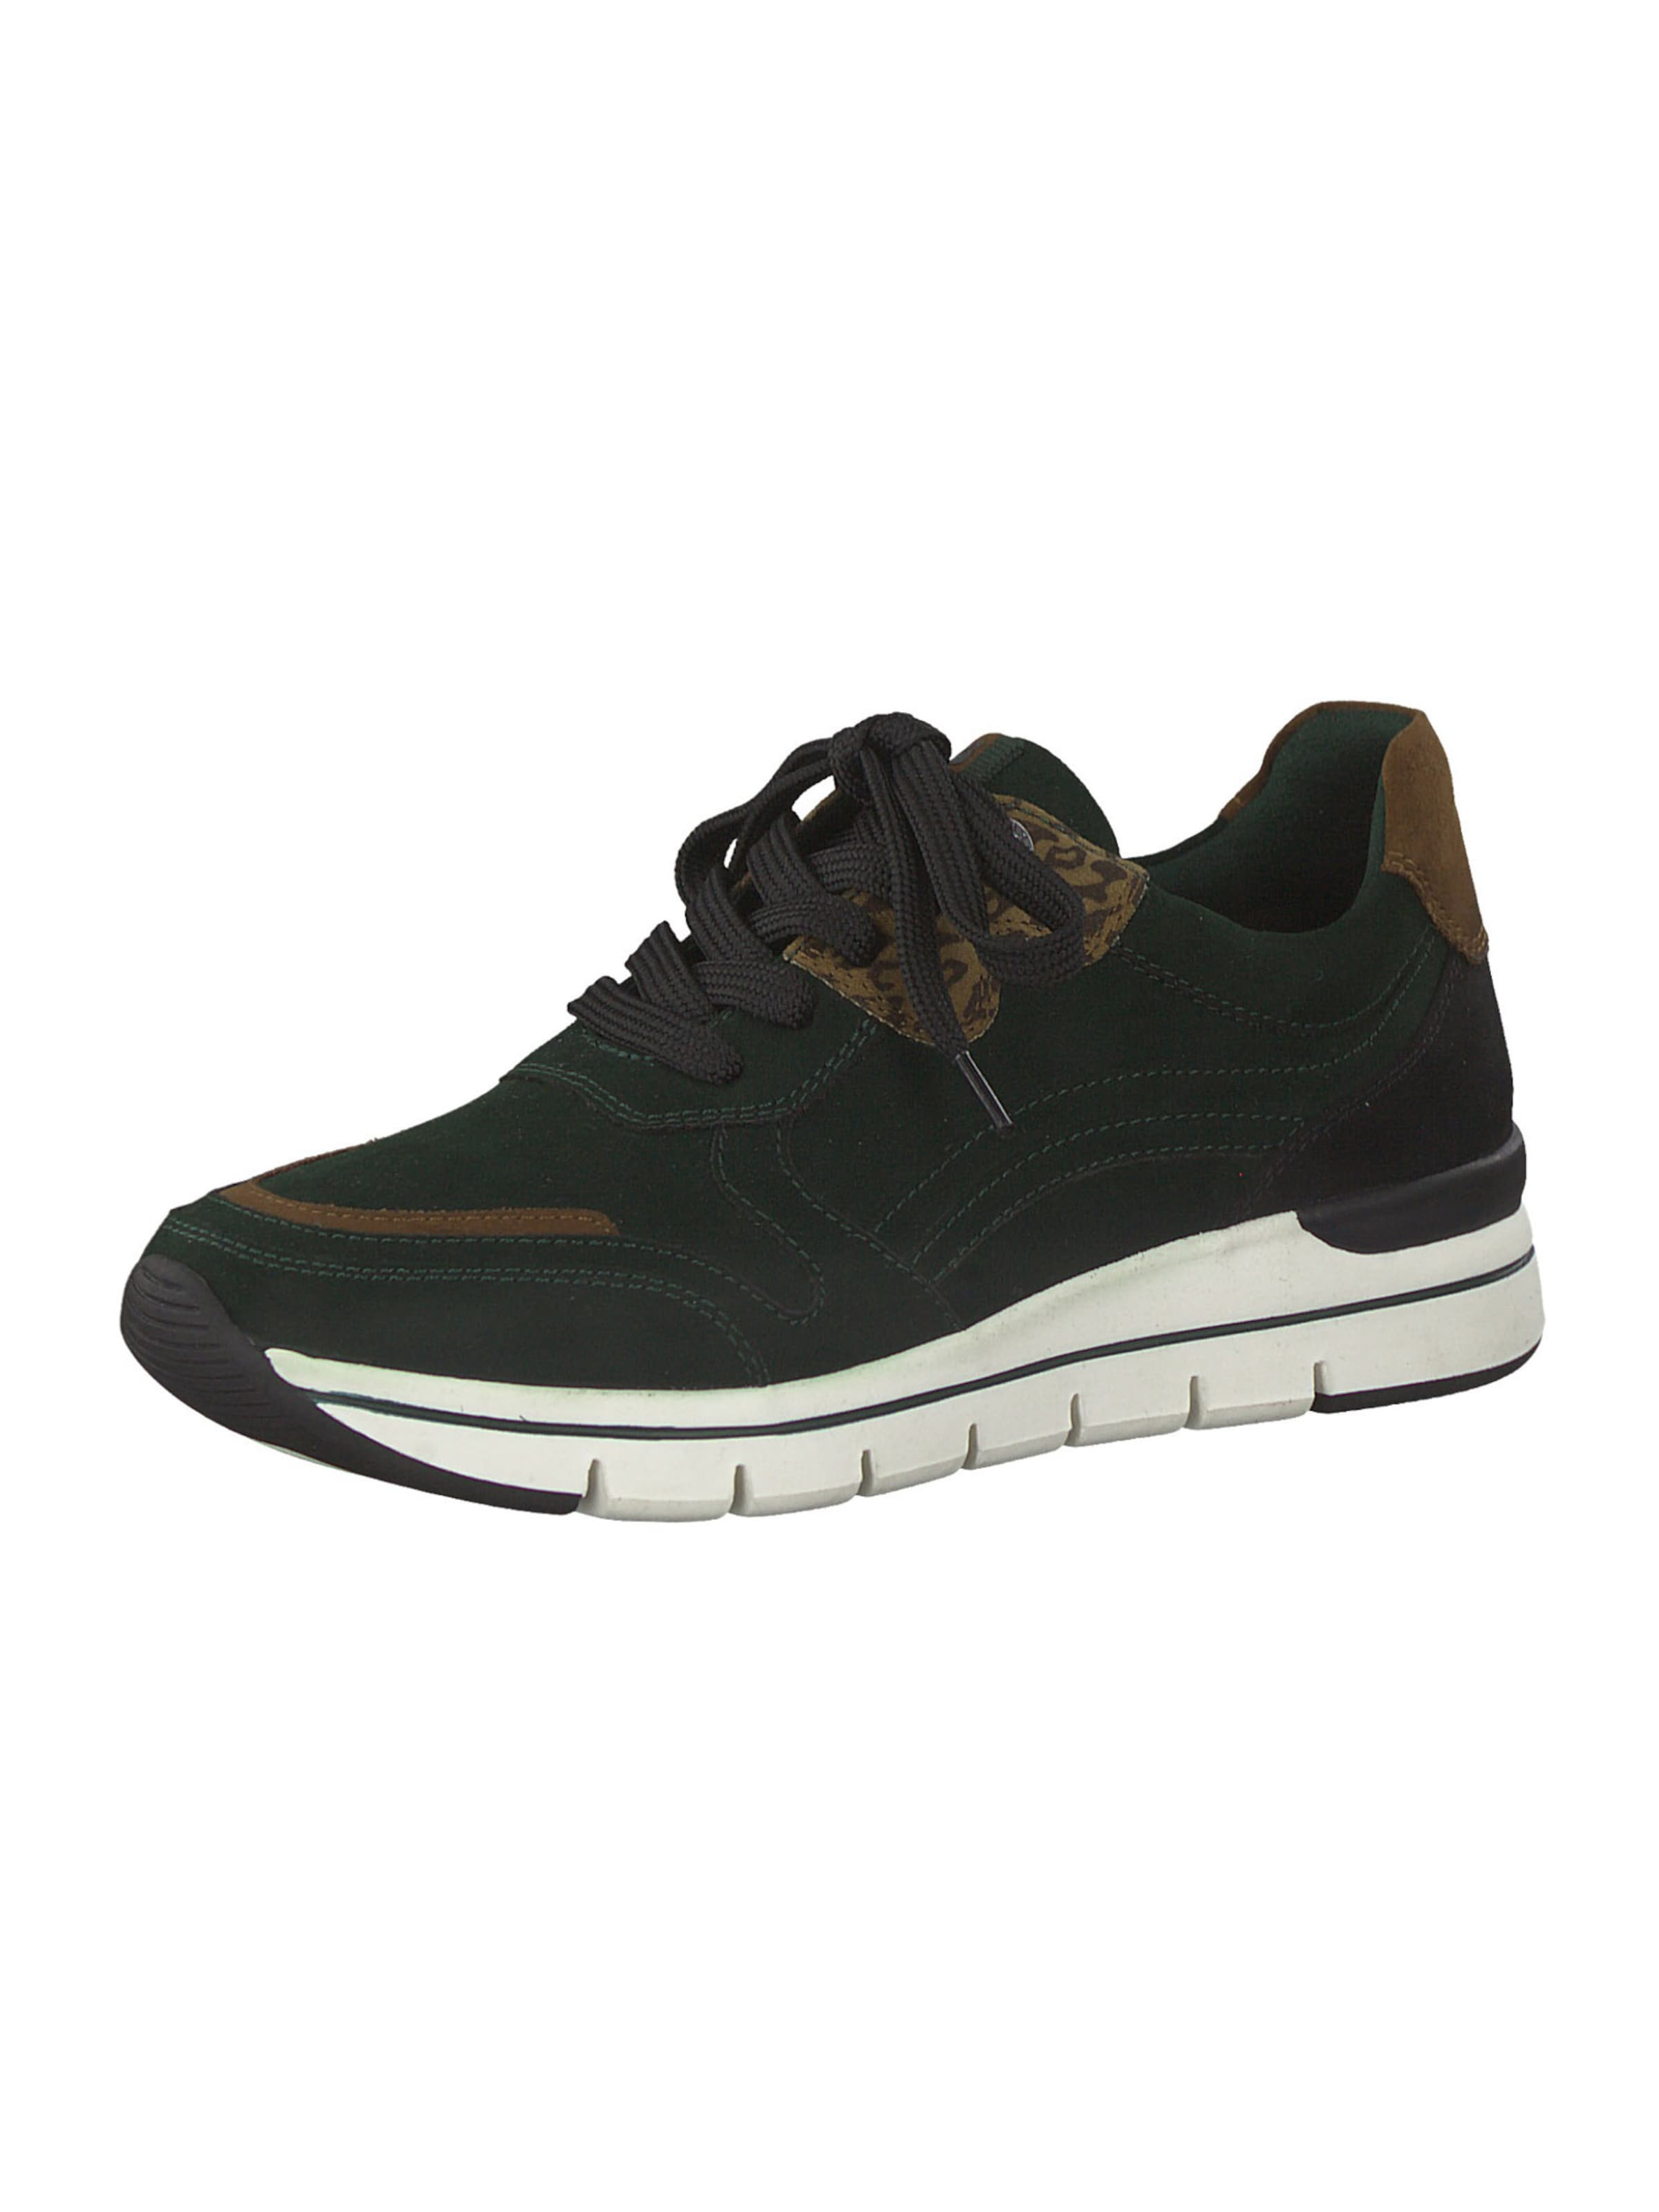 Earth Edition by Marco Tozzi Rövid szárú edzőcipők barna / sötétzöld színben